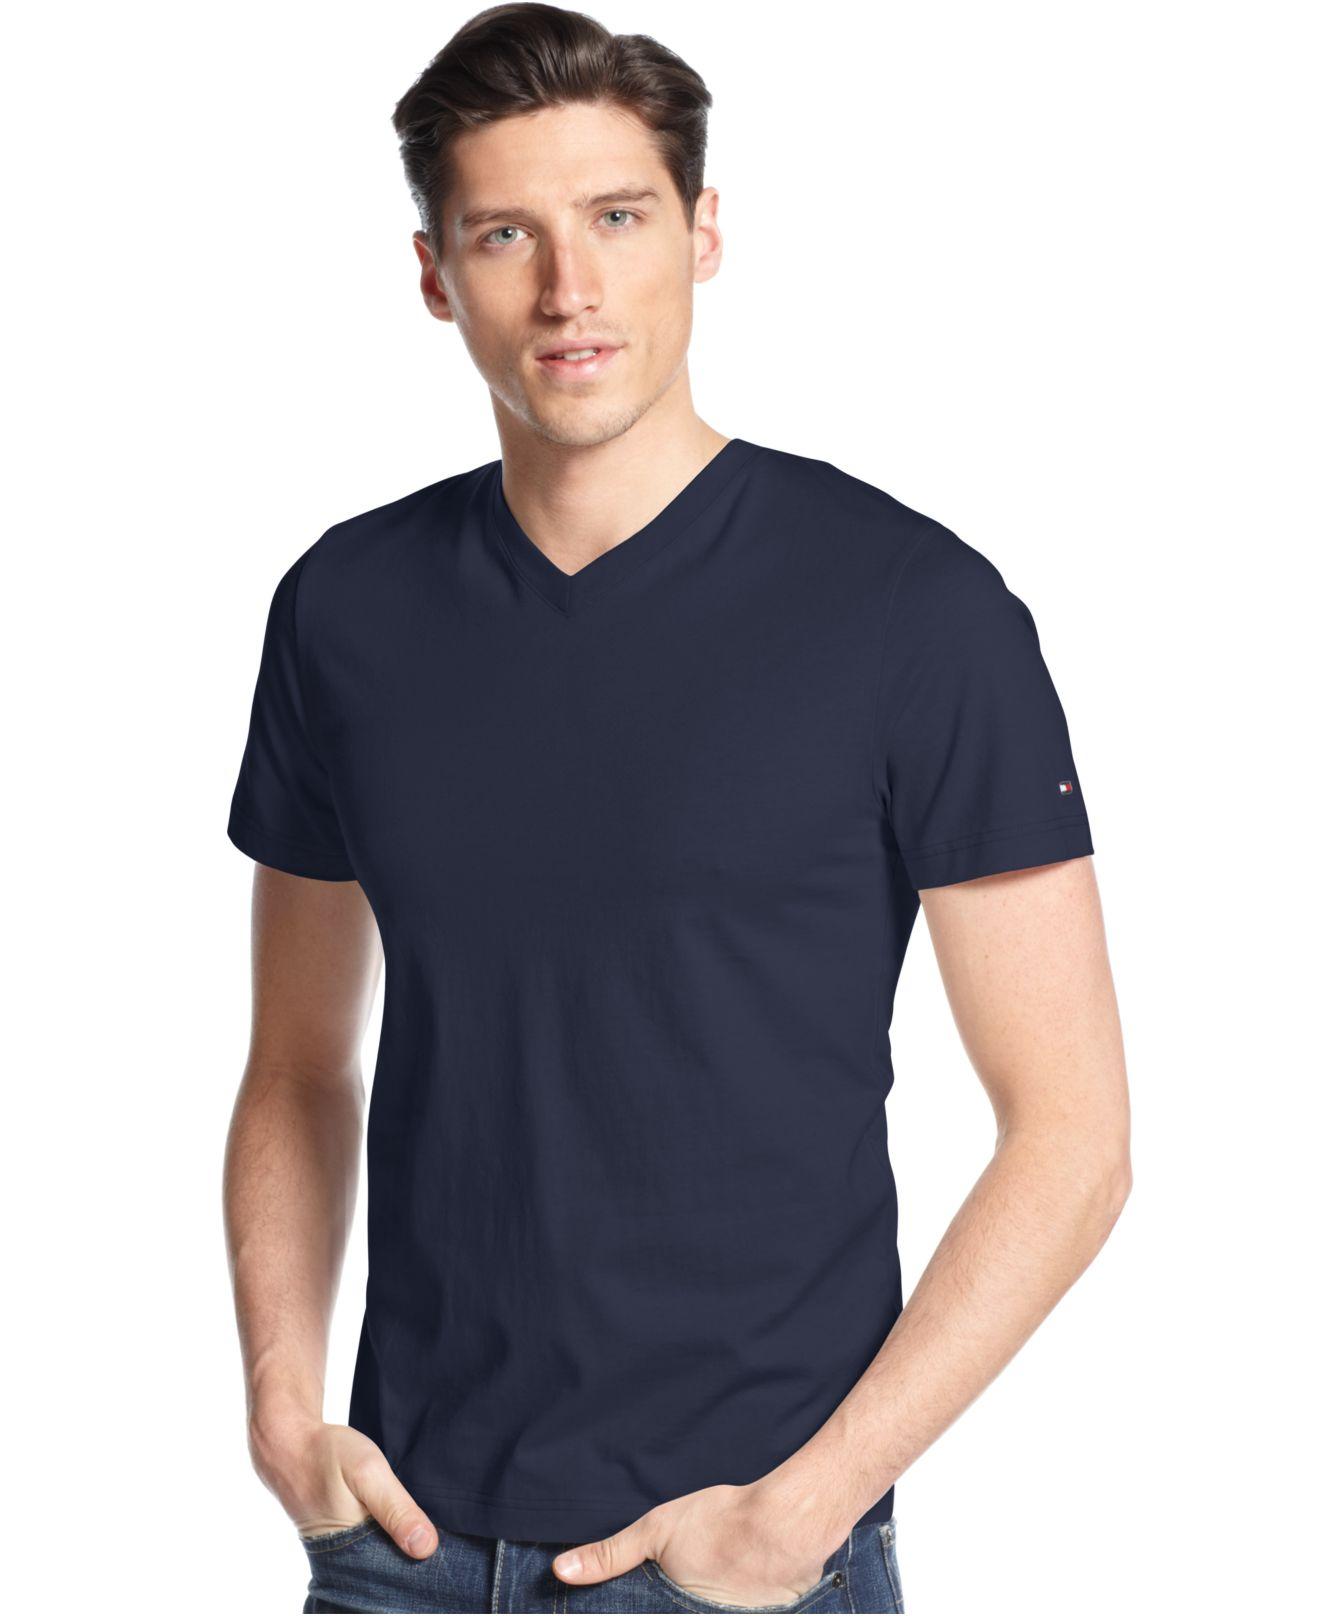 tommy hilfiger men 39 s elmira v neck t shirt in blue for men. Black Bedroom Furniture Sets. Home Design Ideas